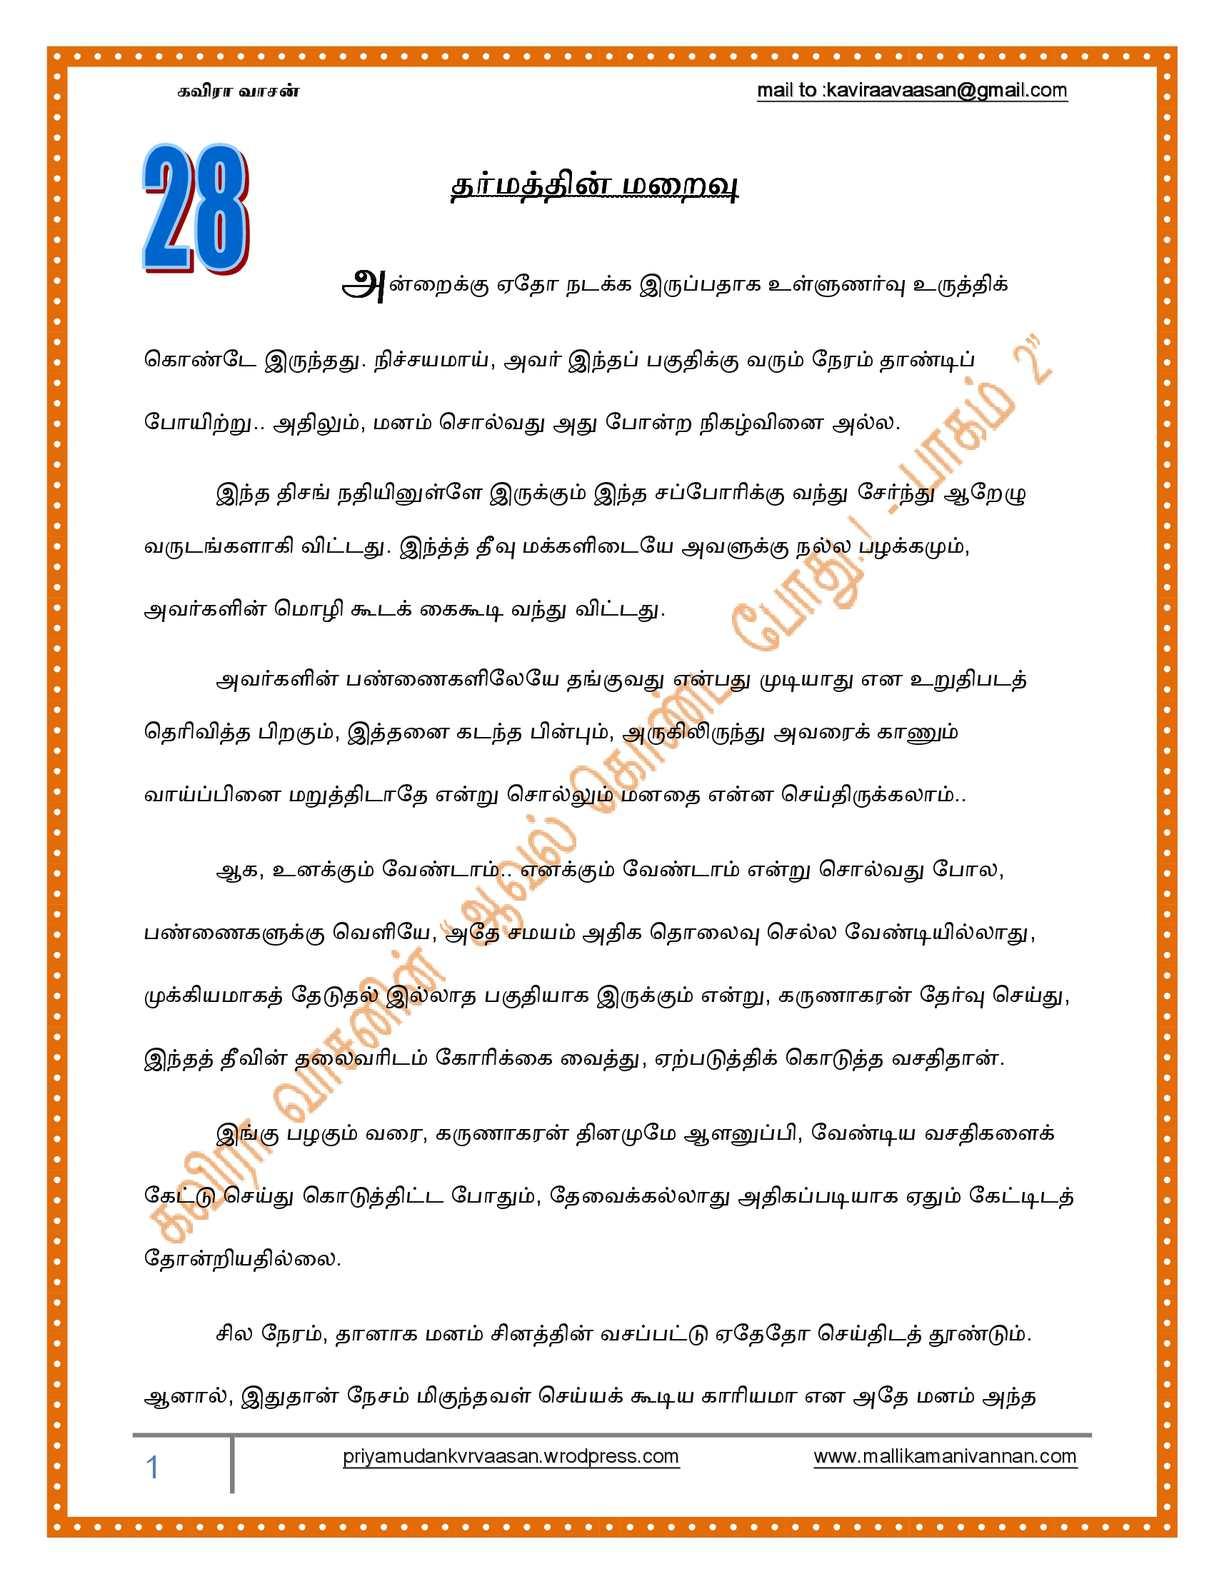 Akp Mm Part 2 Epi 28 The End Dharmathin Maraivu